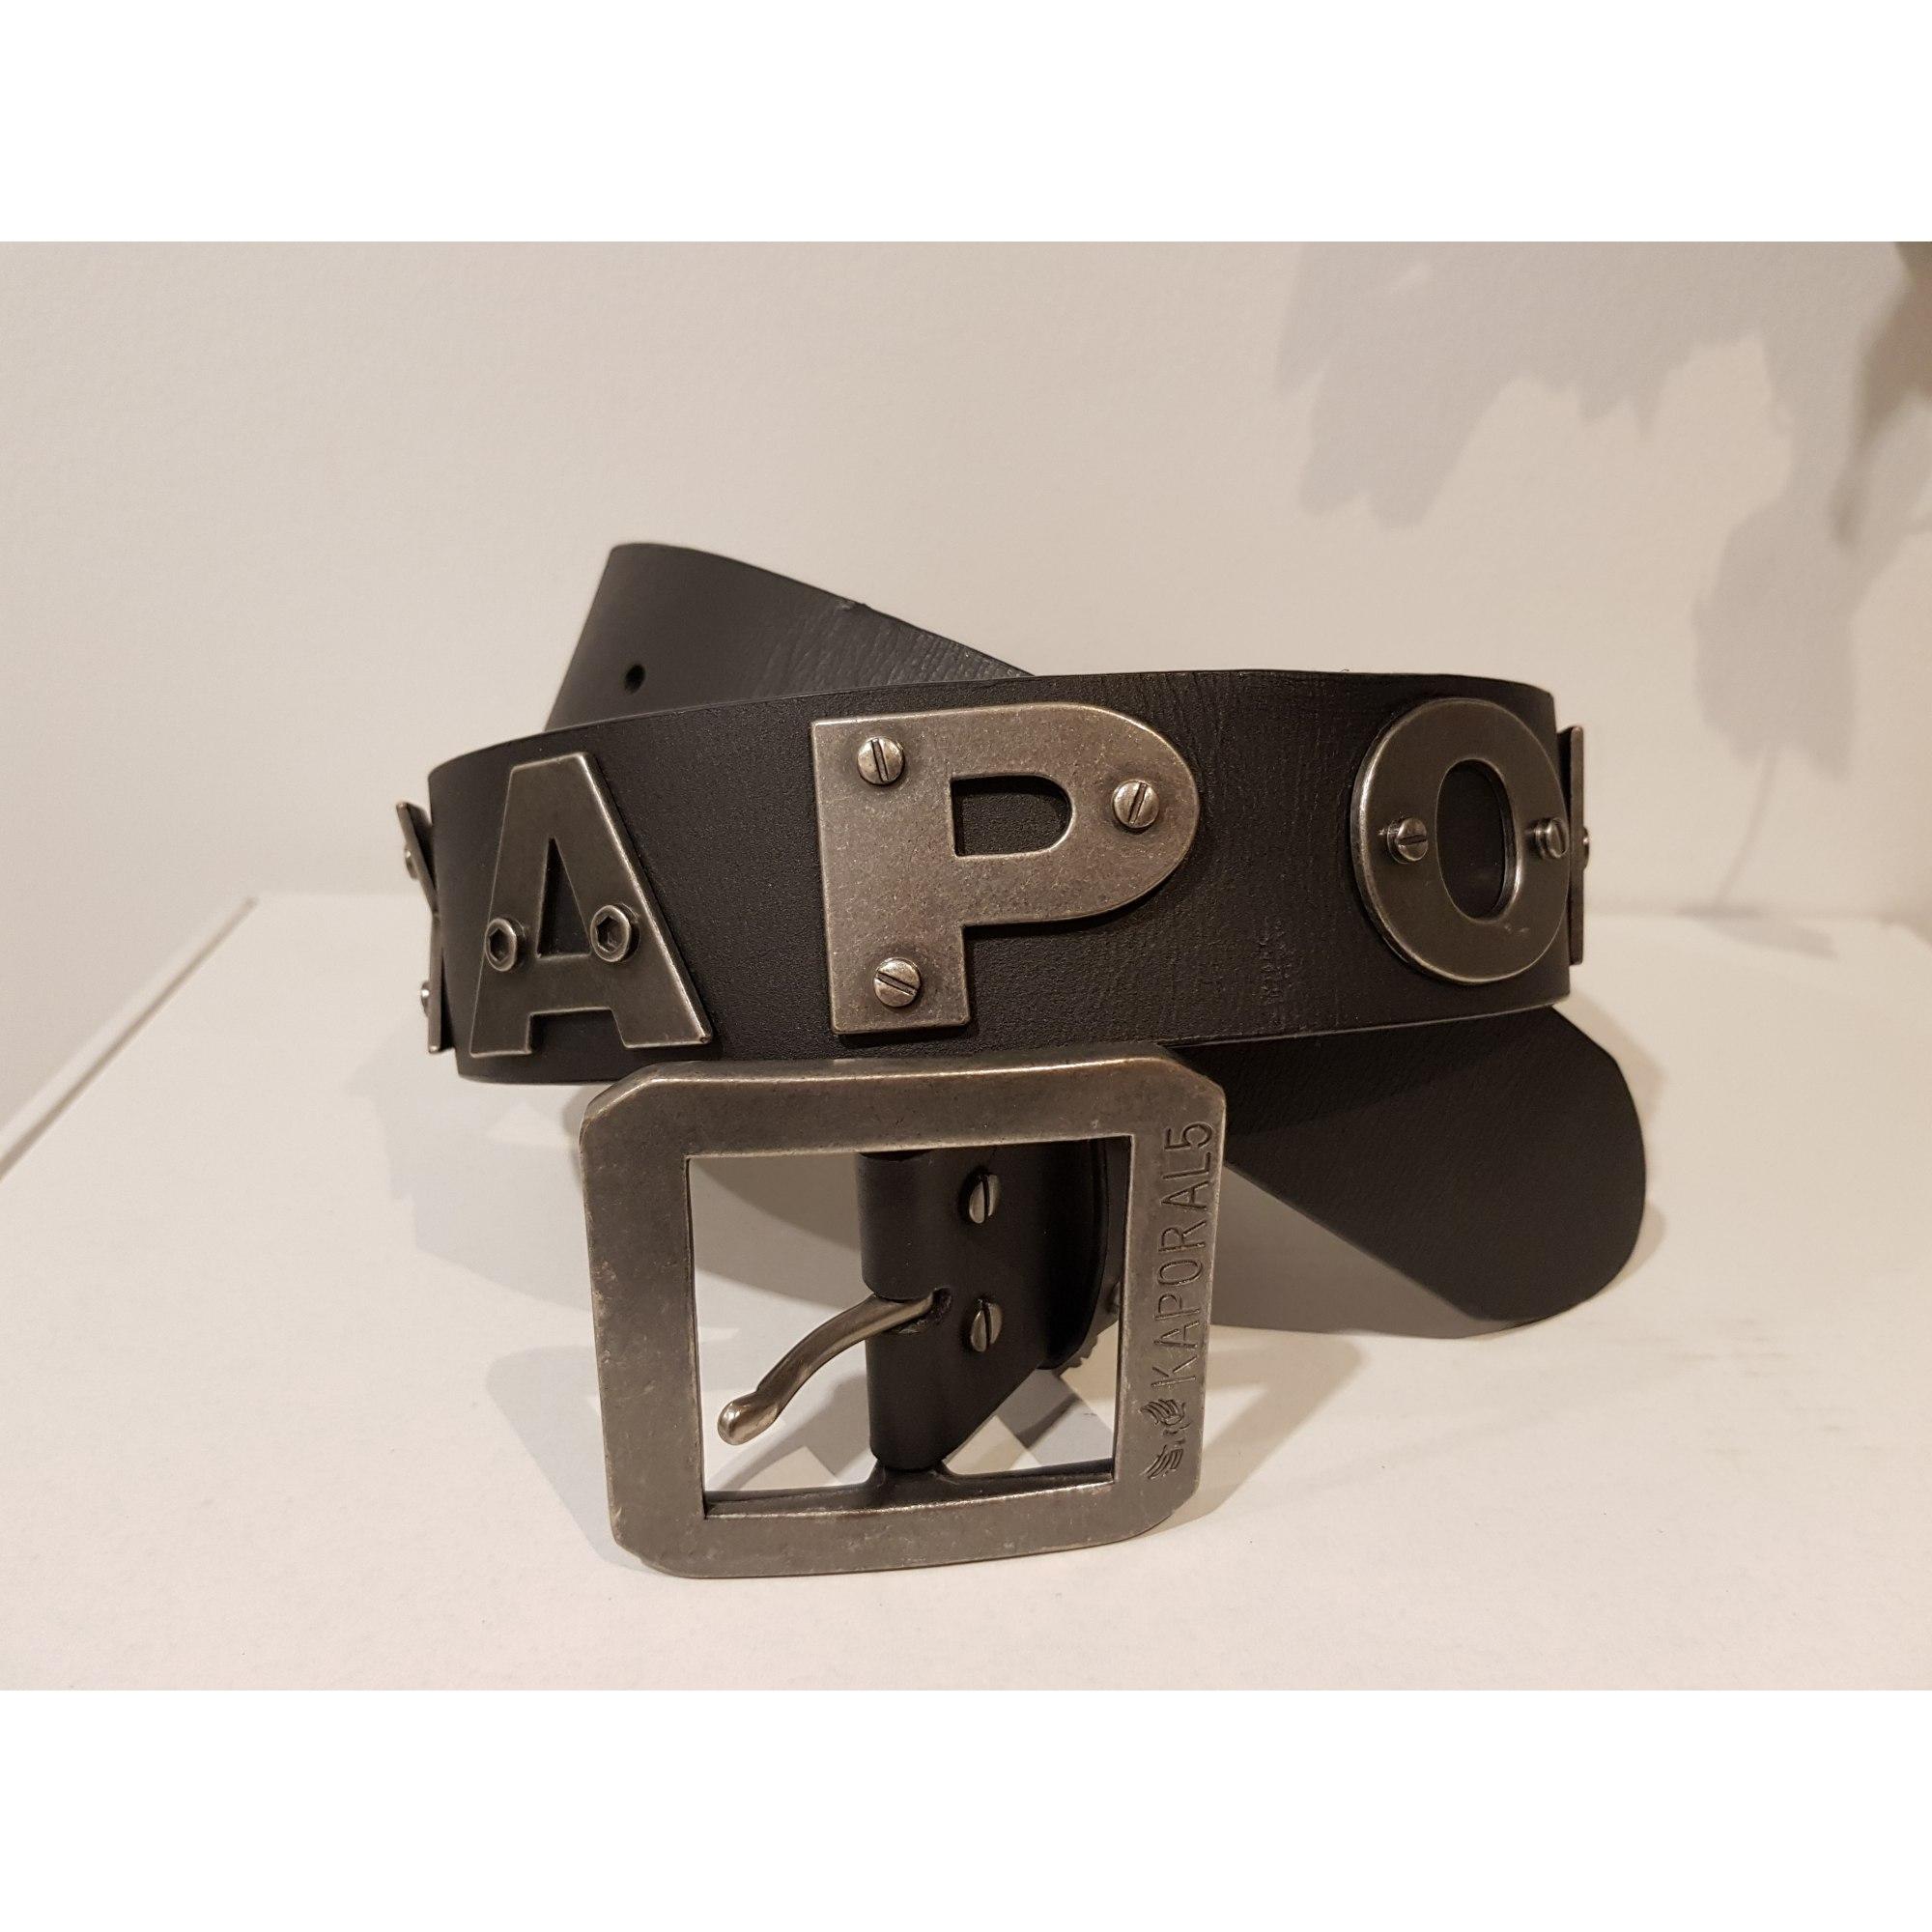 b95795f92694c Ceinture KAPORAL 90 noir vendu par Rainbow13 - 6892298